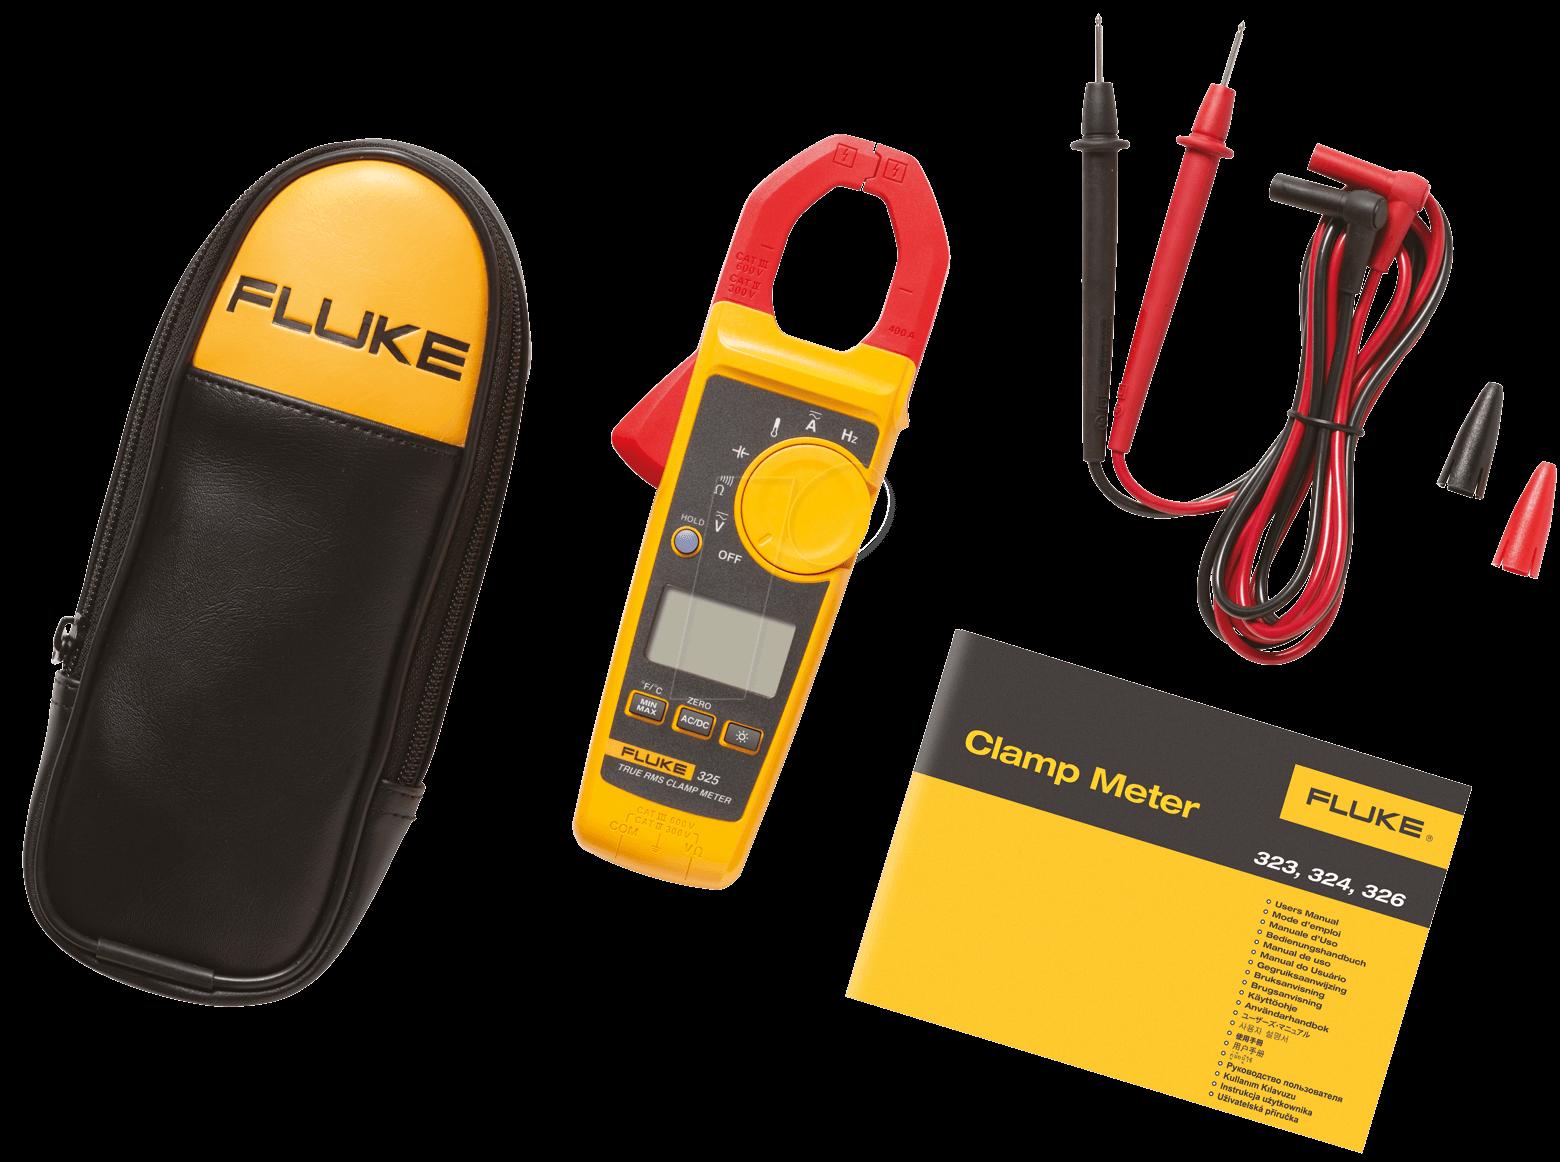 Fluke Multimeter Clamp On : Fluke true rms current clamp meter at